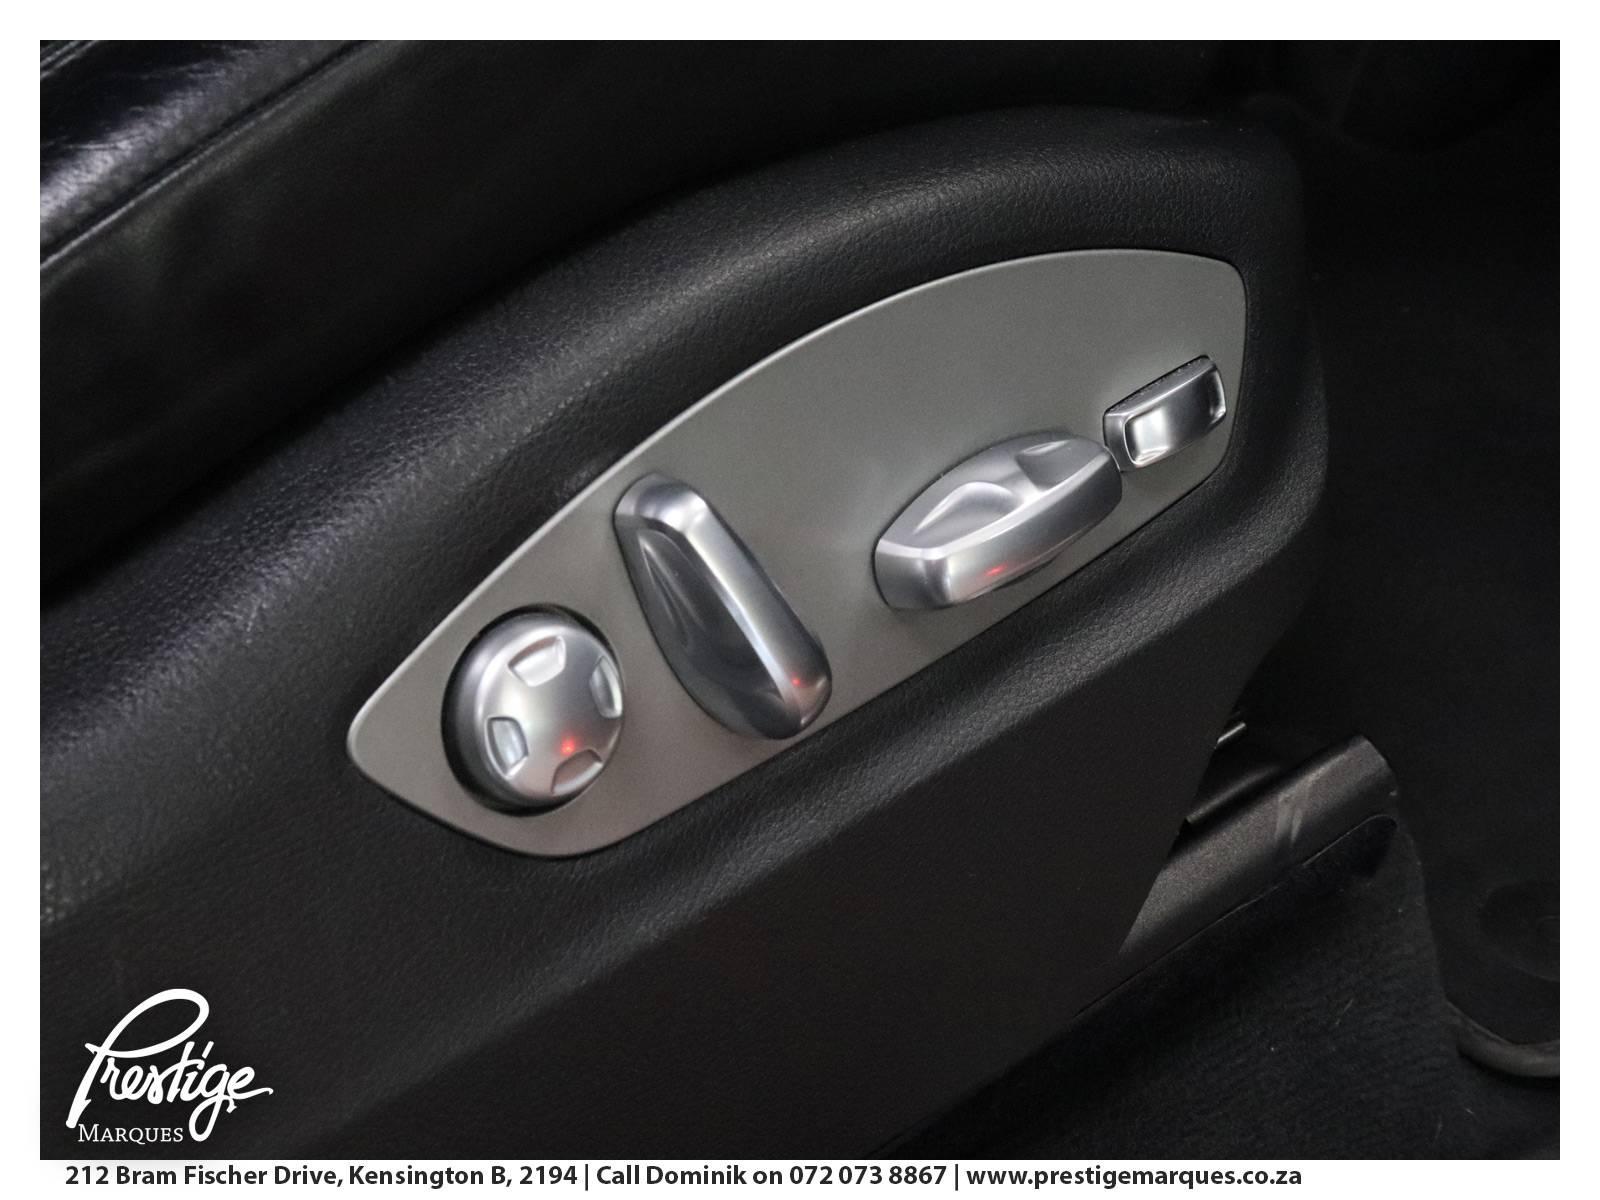 2013-Porsche-Cayenne-Prestige-Marques-Randburg-Sandton-12c